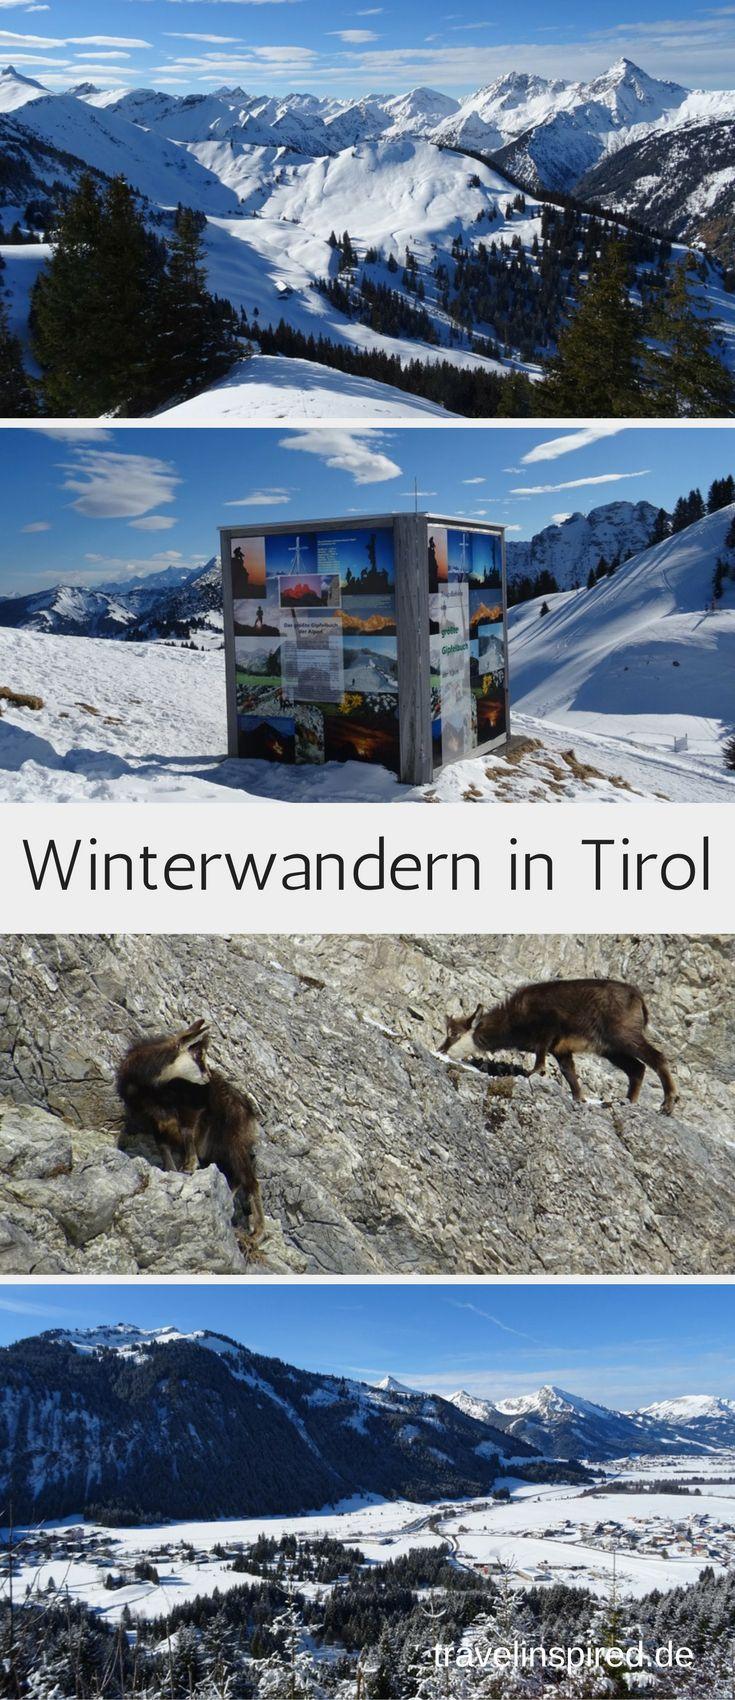 Im Tannheimer Tal in Österreich kannst gibt es auch im Winter einige tolle Wanderungen mit genialer Aussicht über Tirol! Und vielleicht entdeckst du sogar ein paar Gämsen. #wandern #winter #tannheimertal #österreich #tirol #winterwanderung